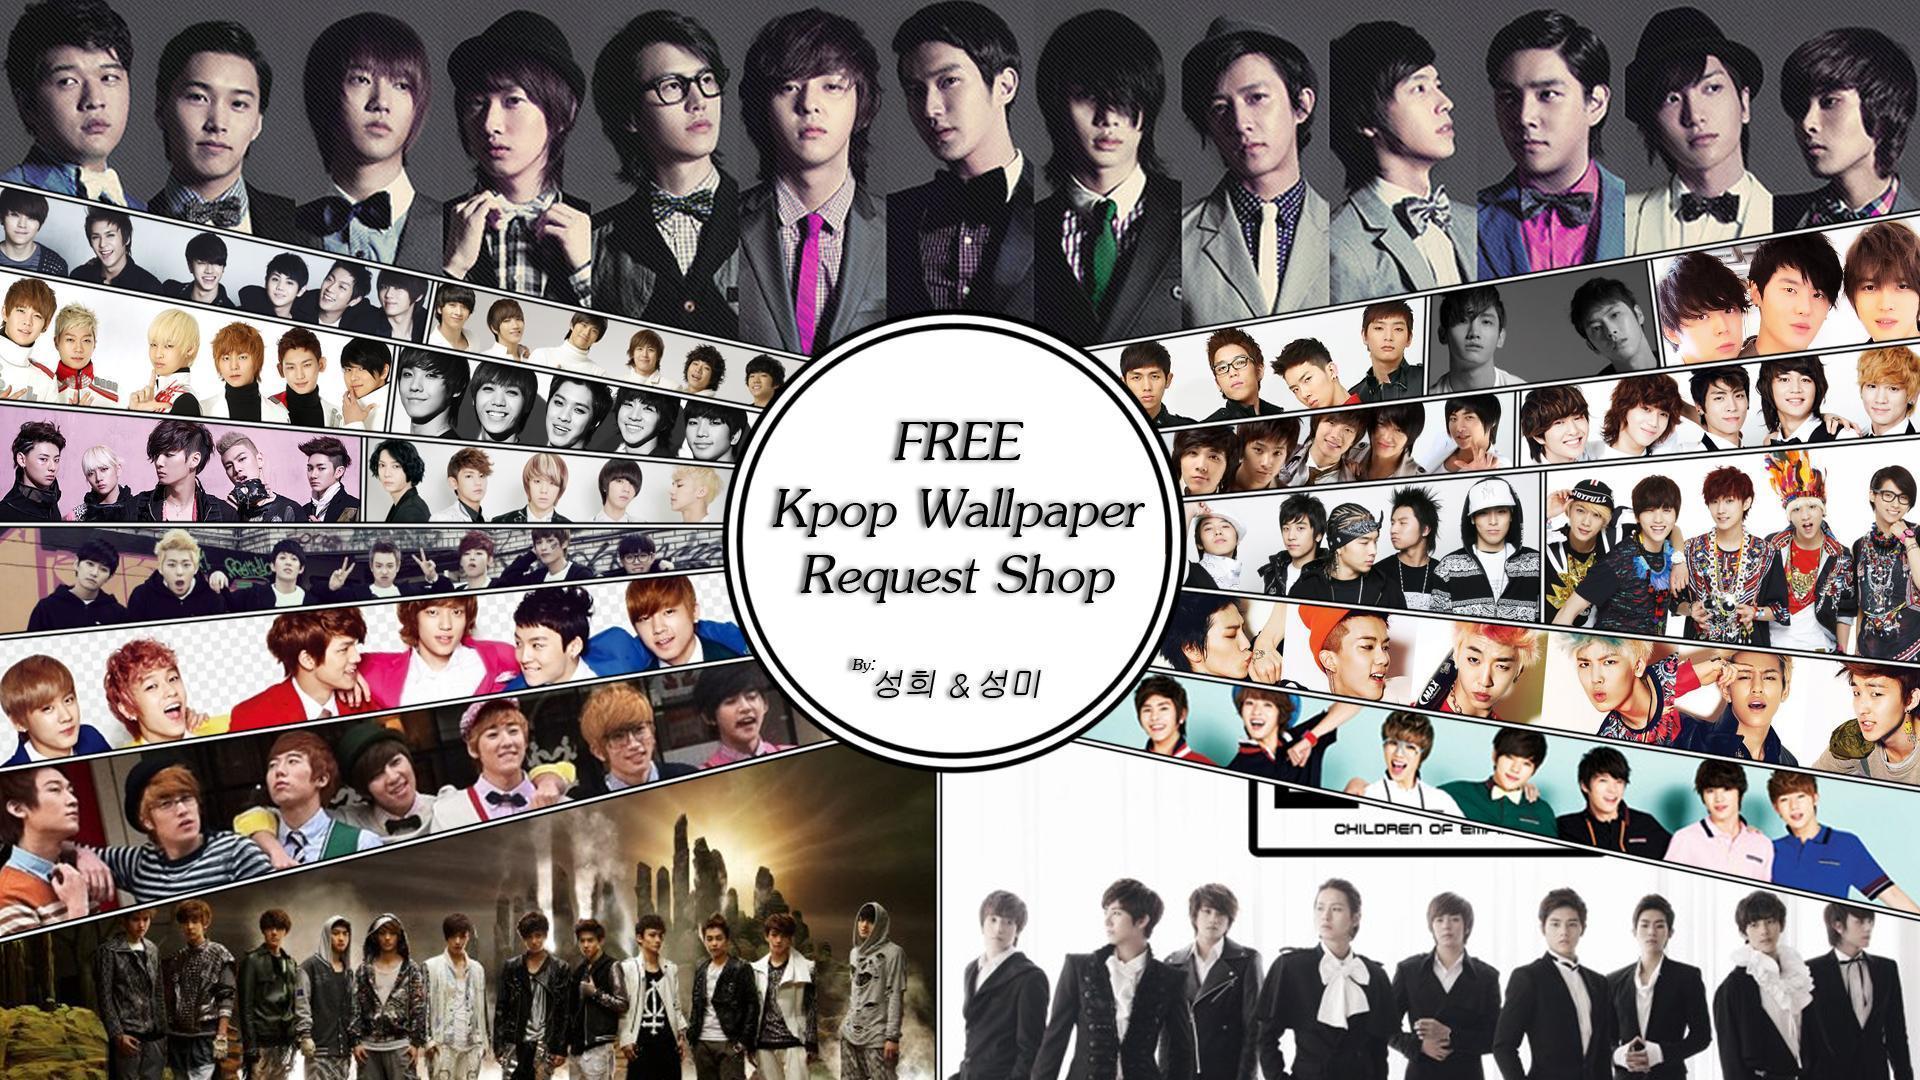 Hd wallpaper kpop - K Pop Gretulee Wallpaper 33571610 Fanpop